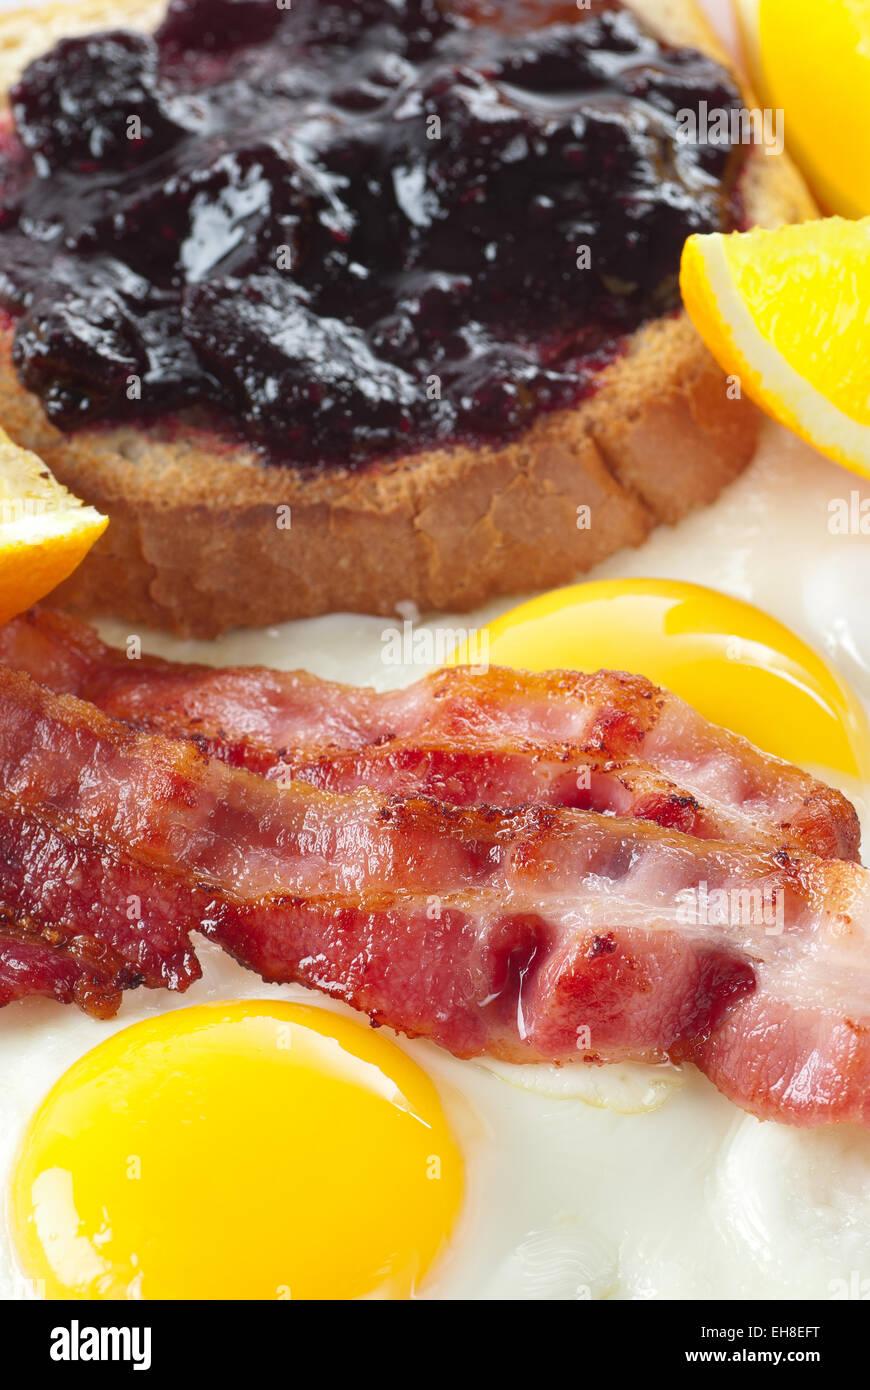 Bacon, huevos fritos, naranja y tostadas de pan con mermelada. Imagen De Stock